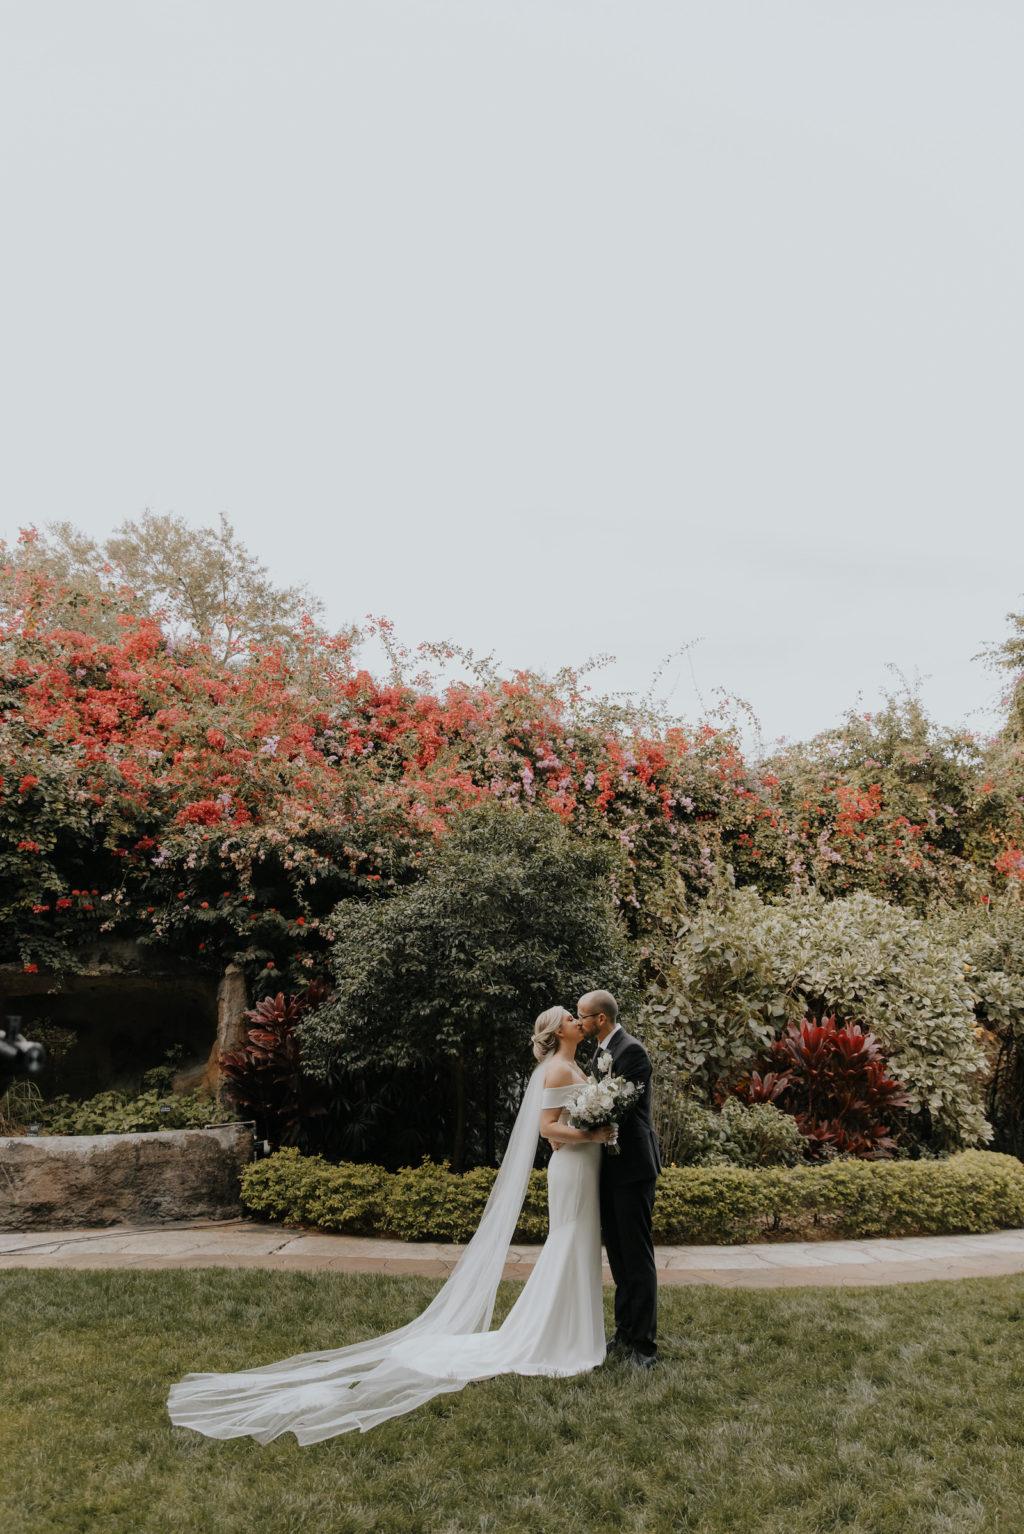 Outdoor Bride and Groom Embracing Wedding Portrait   St. Pete Garden Wedding